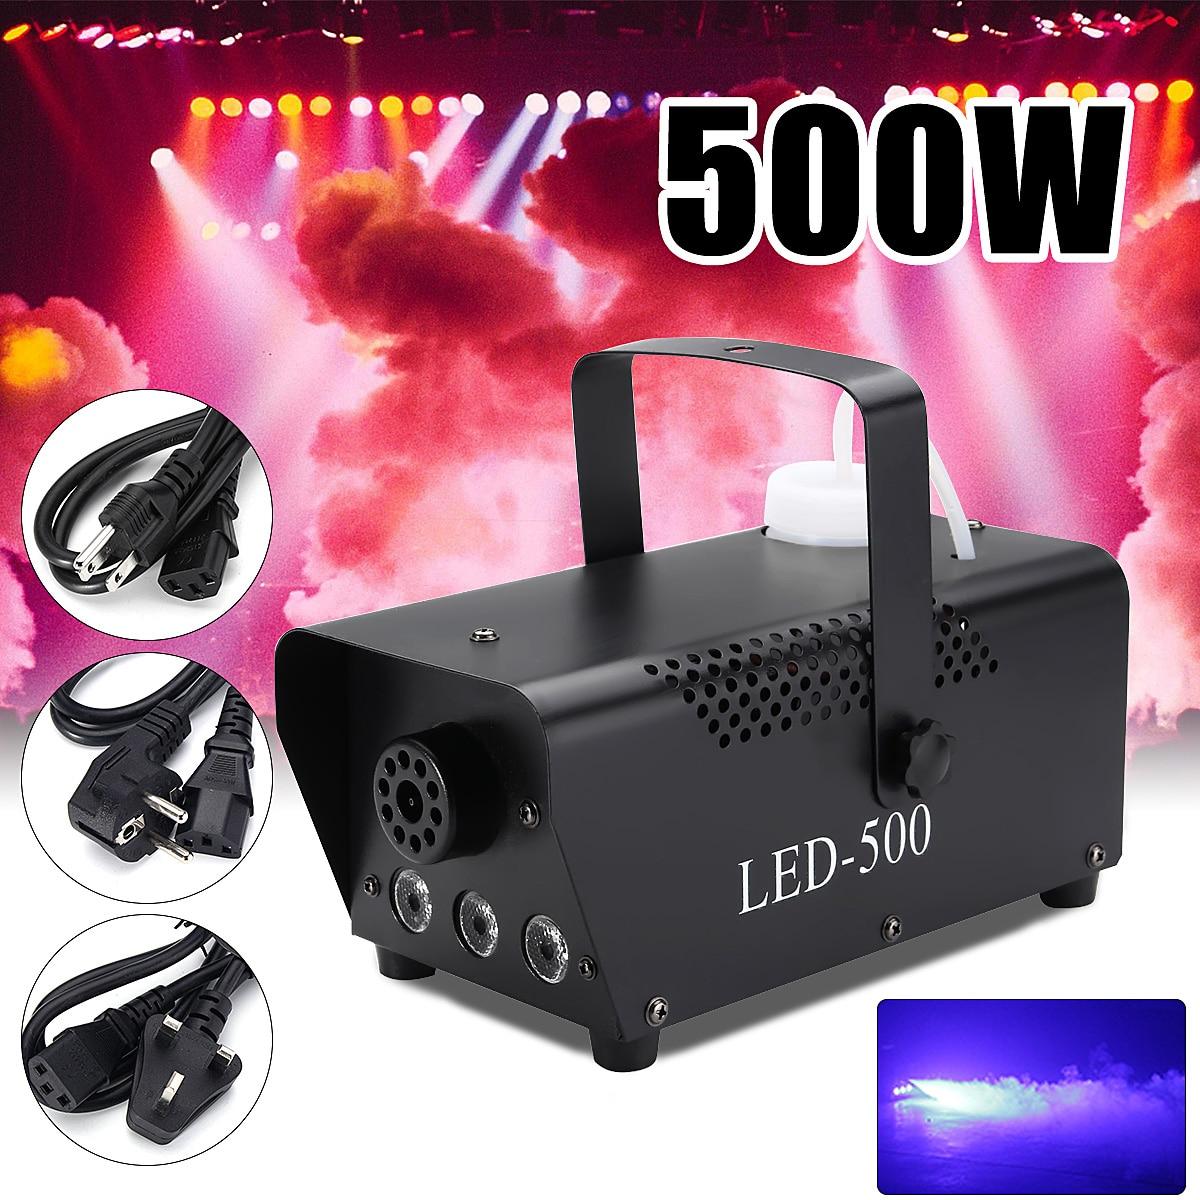 500 W дистанционного Управление машинка для дыма светодиодный диско-свет Рождественские лампа RGB дымовой проектор для ди-джеев для вечеринок ...